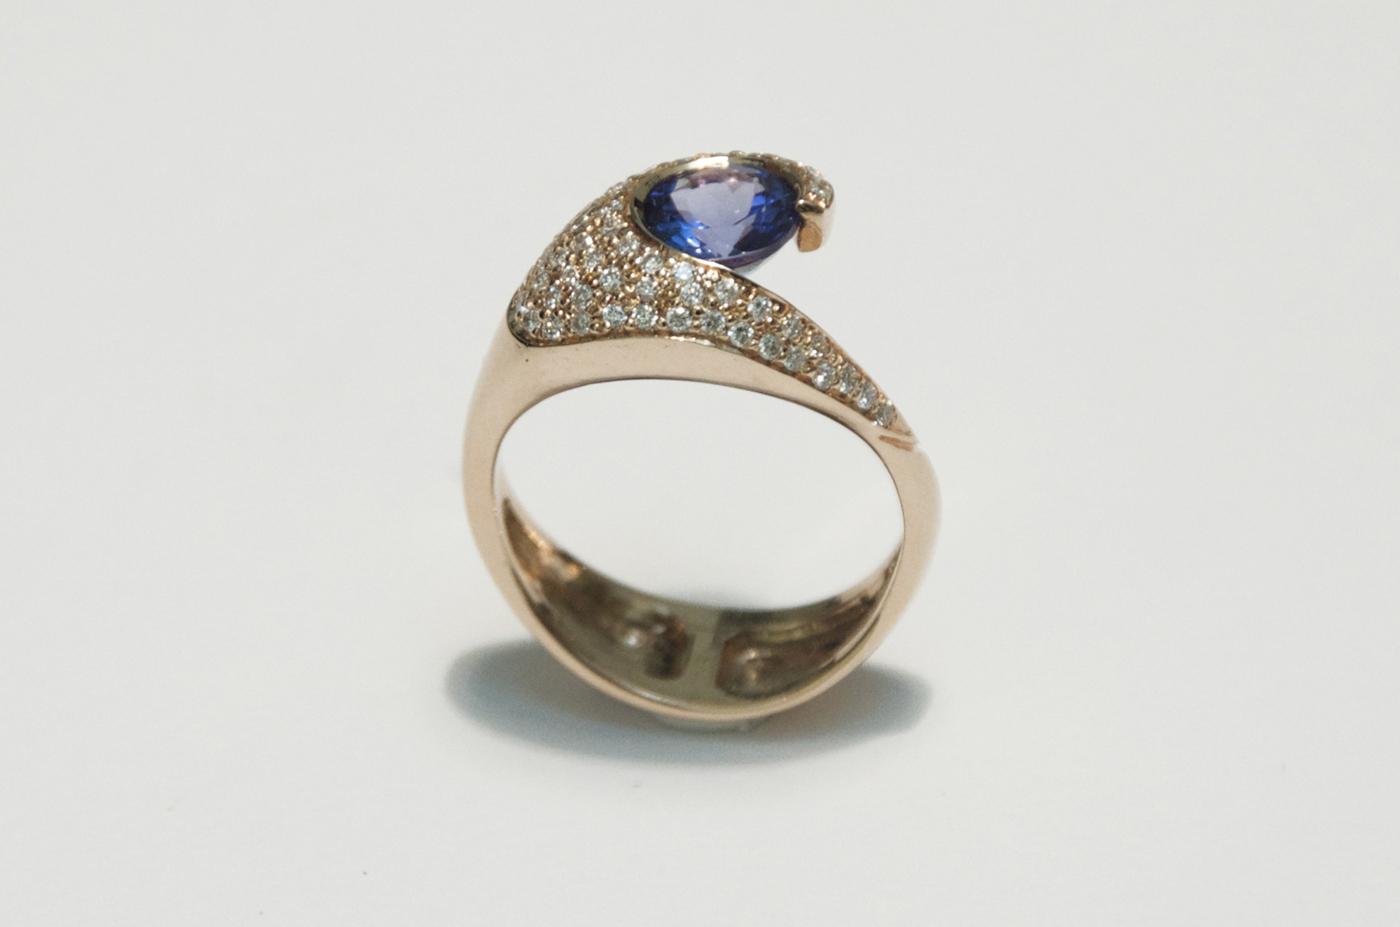 anello-in-oro-rosa-con-tanzanite-e-pave-di-diamanti-taglio-brillanti-daniele-pifferi-gioielli-bologna